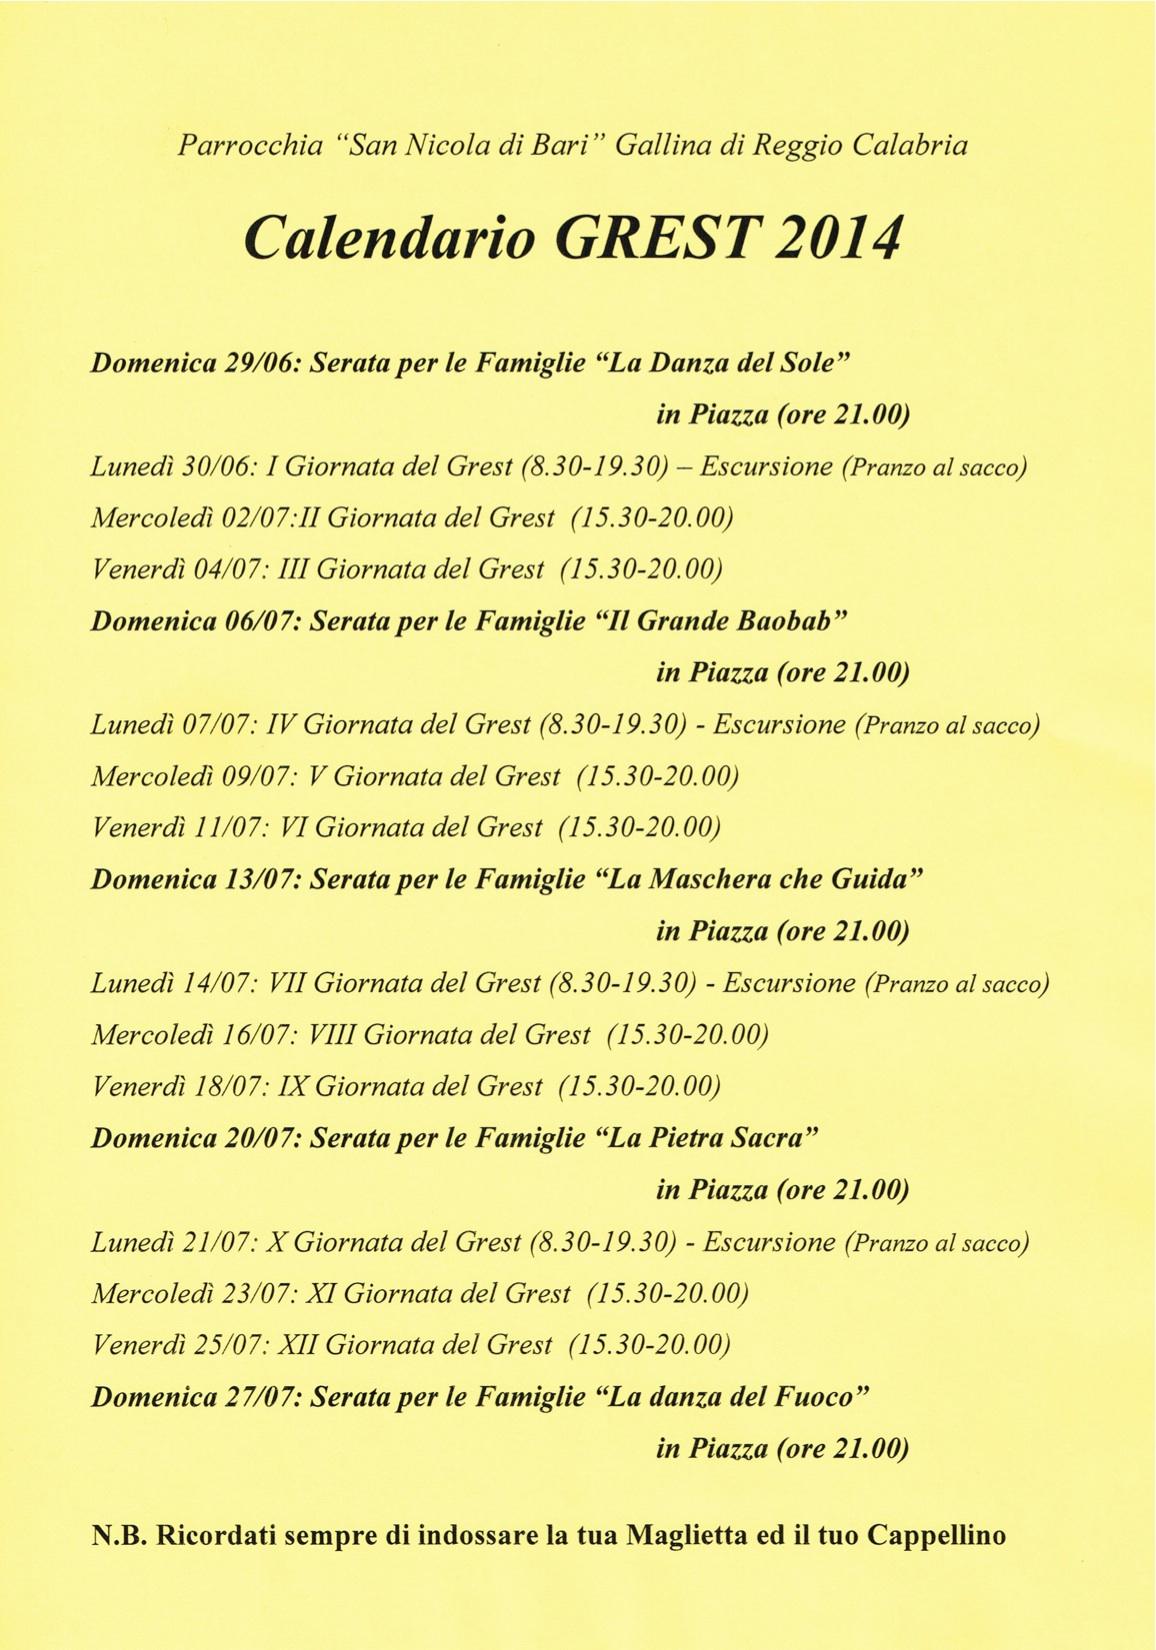 San Nicola Calendario.Parrocchia San Nicola Di Bari Gallina Rc Calendario